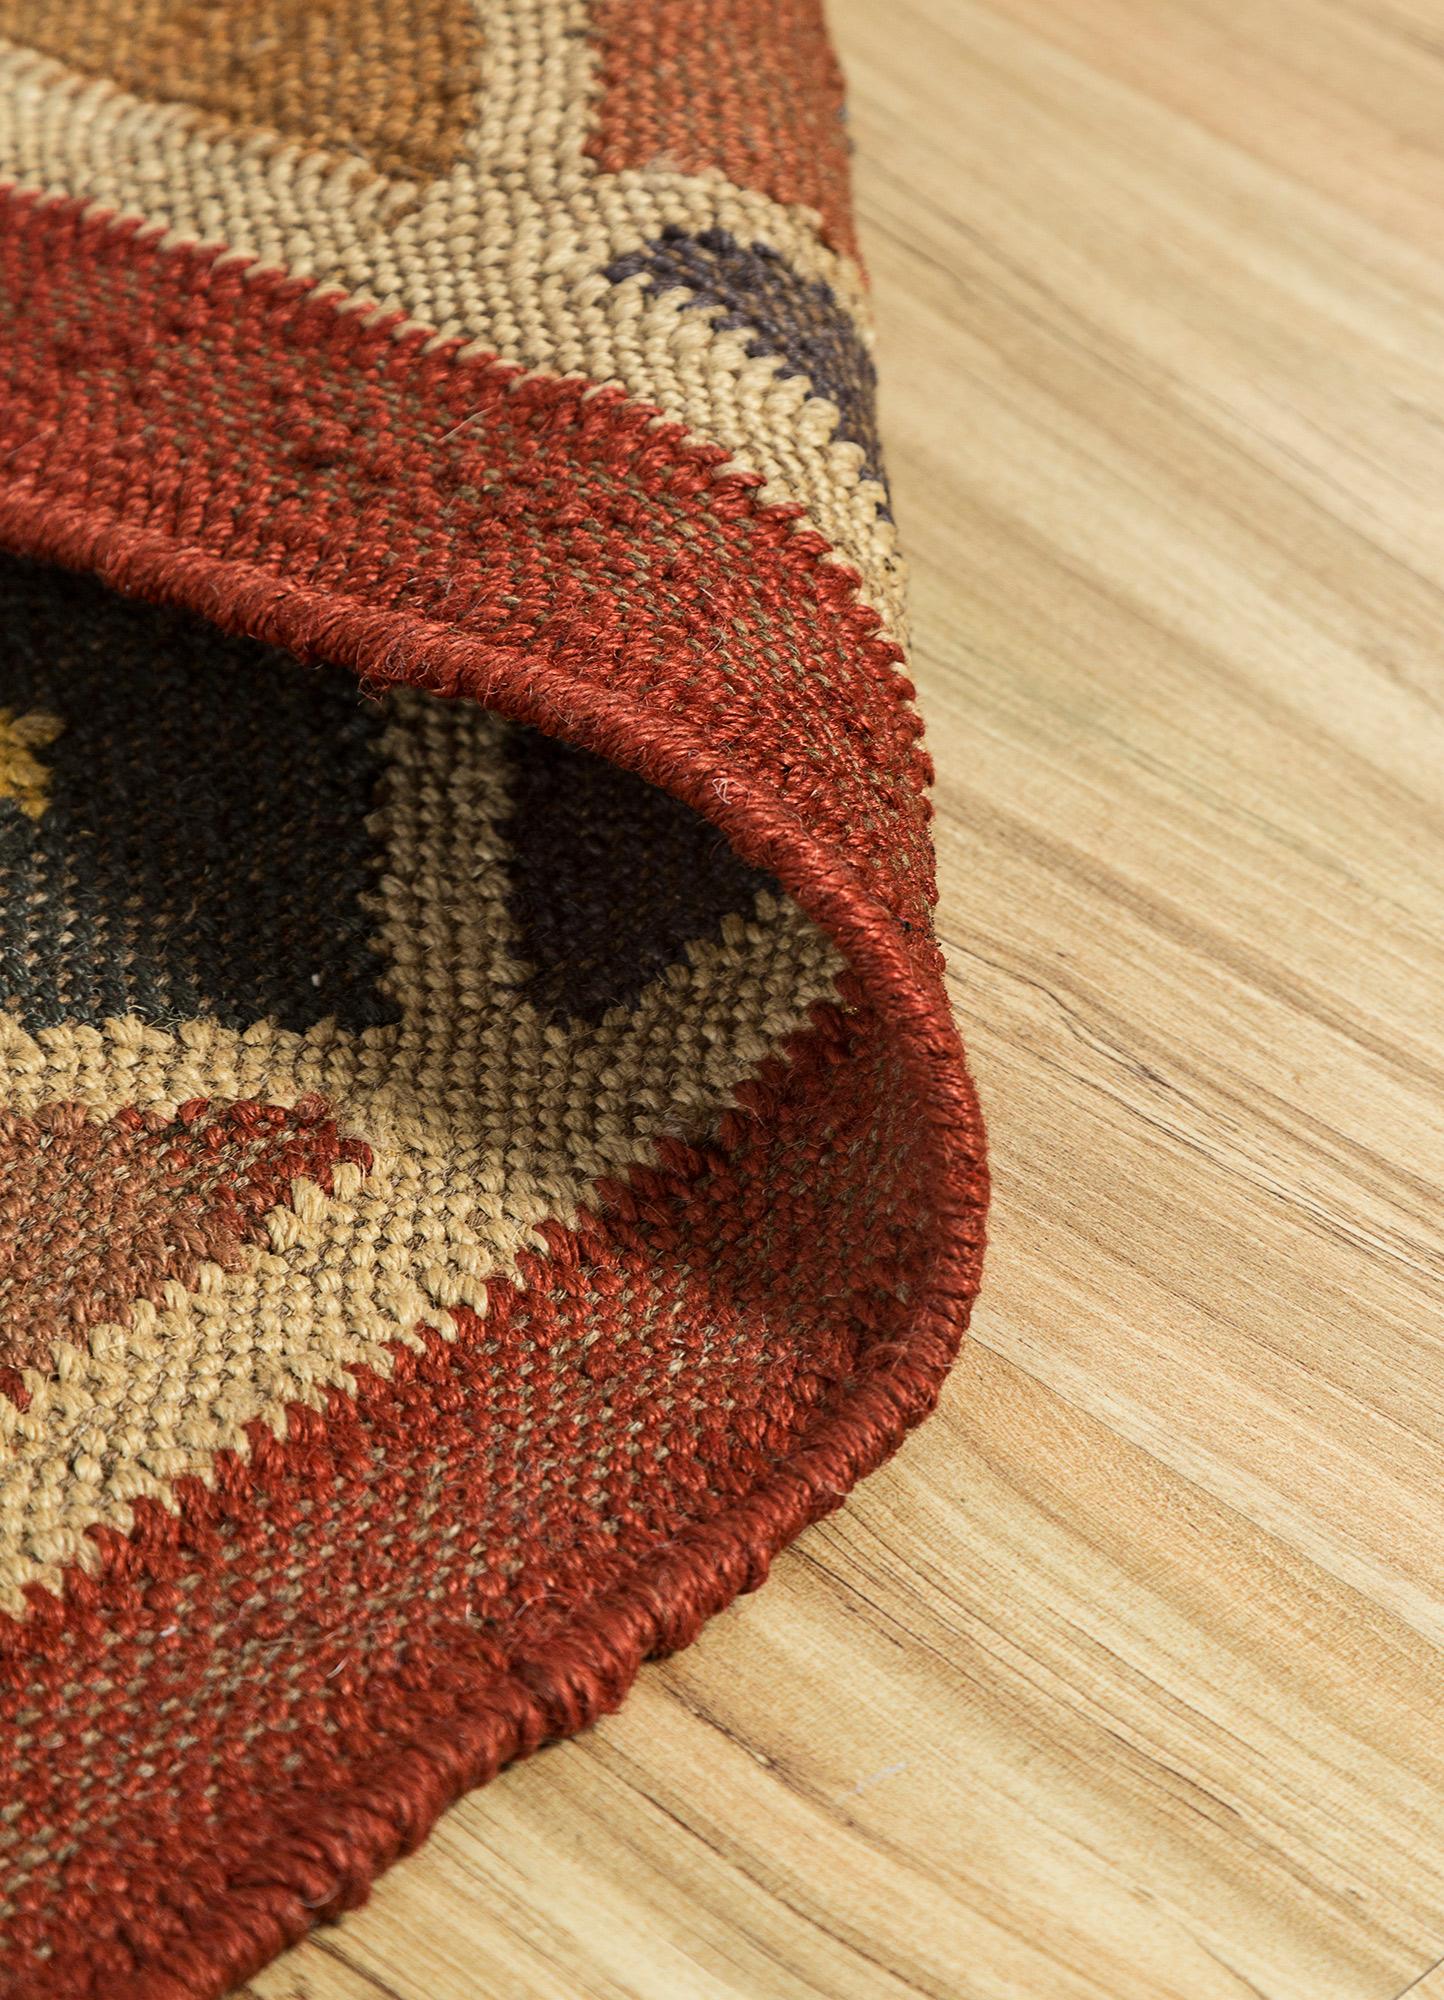 bedouin red and orange jute and hemp flat weaves Rug - Loom